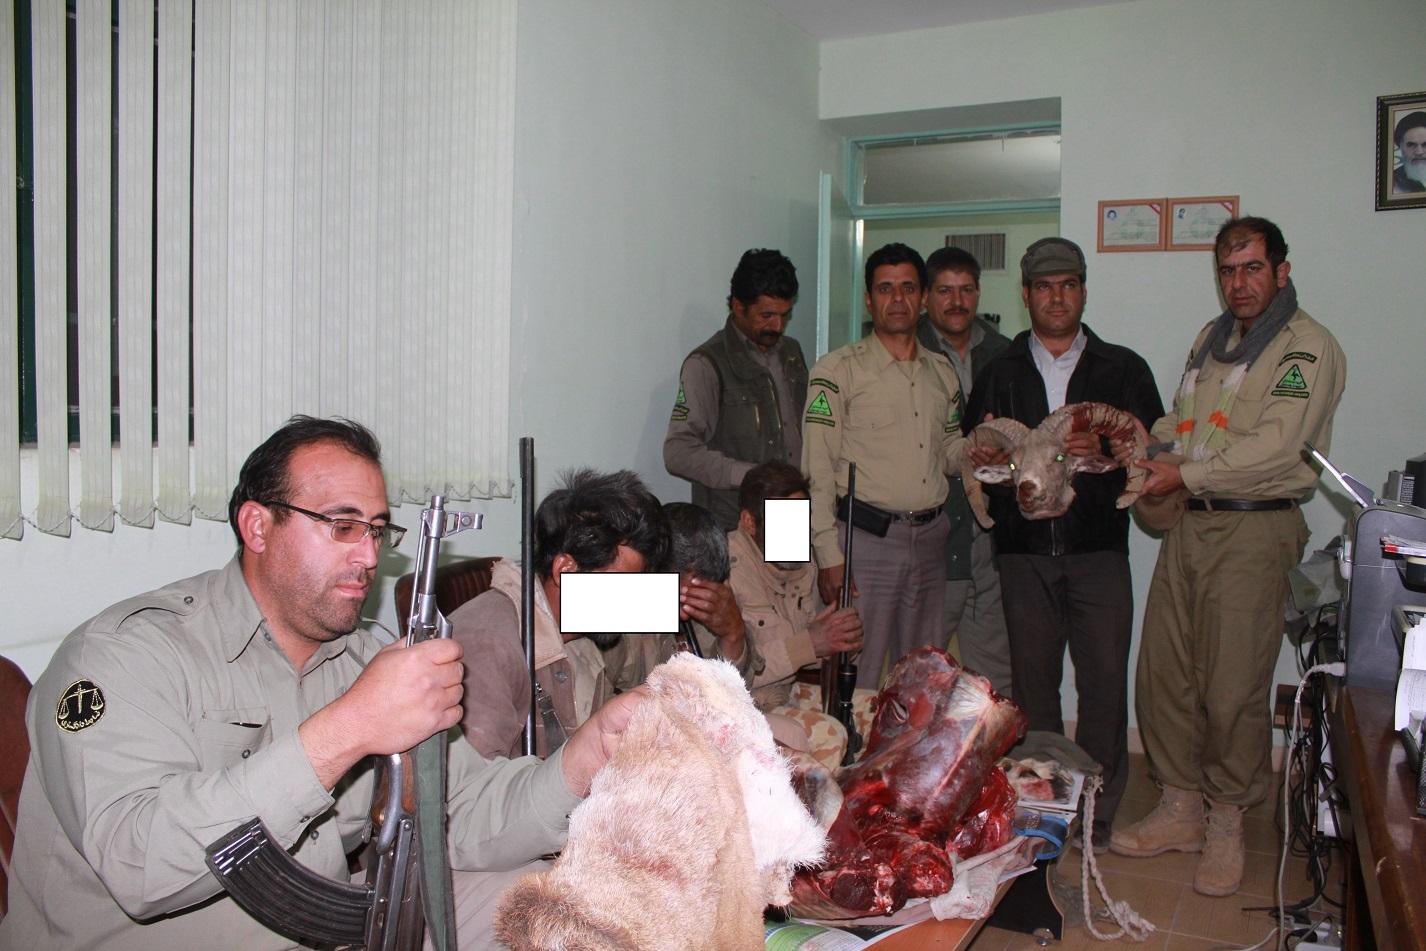 شکارچیان غیرمجاز در منصور آباد رفسنجان دستگیر شدند + عکس